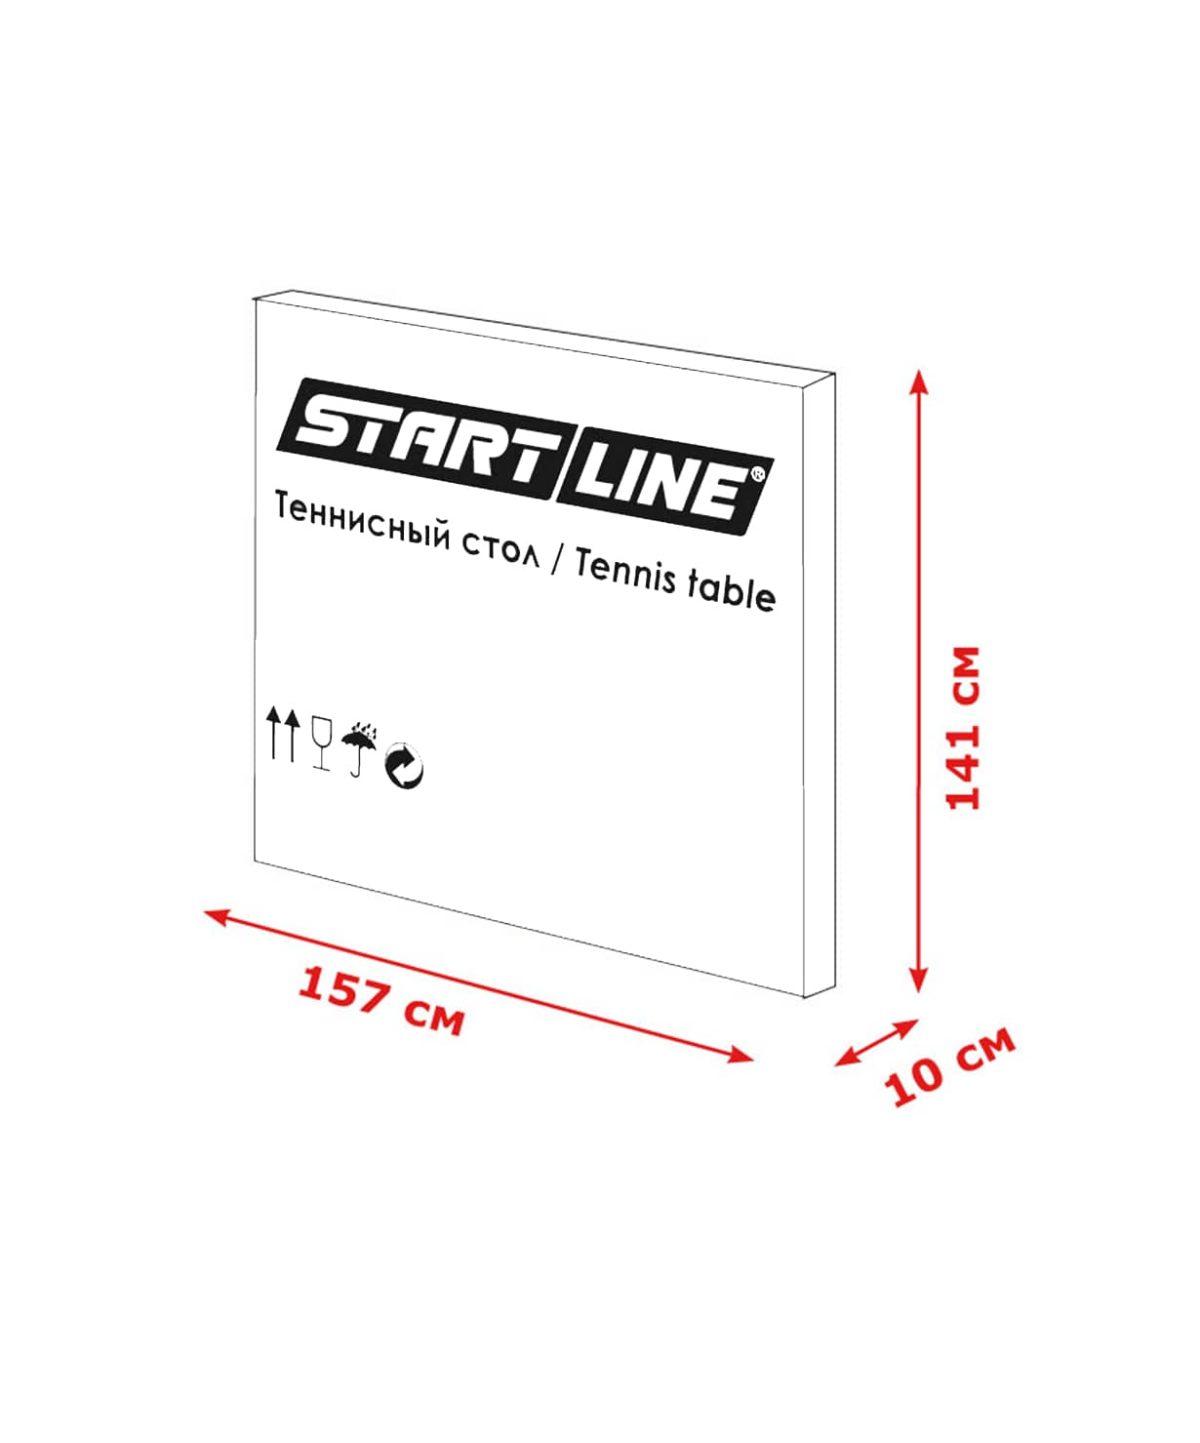 START LINE Game Indoor Cтол для настольного тенниса c сеткой  2374 - 3